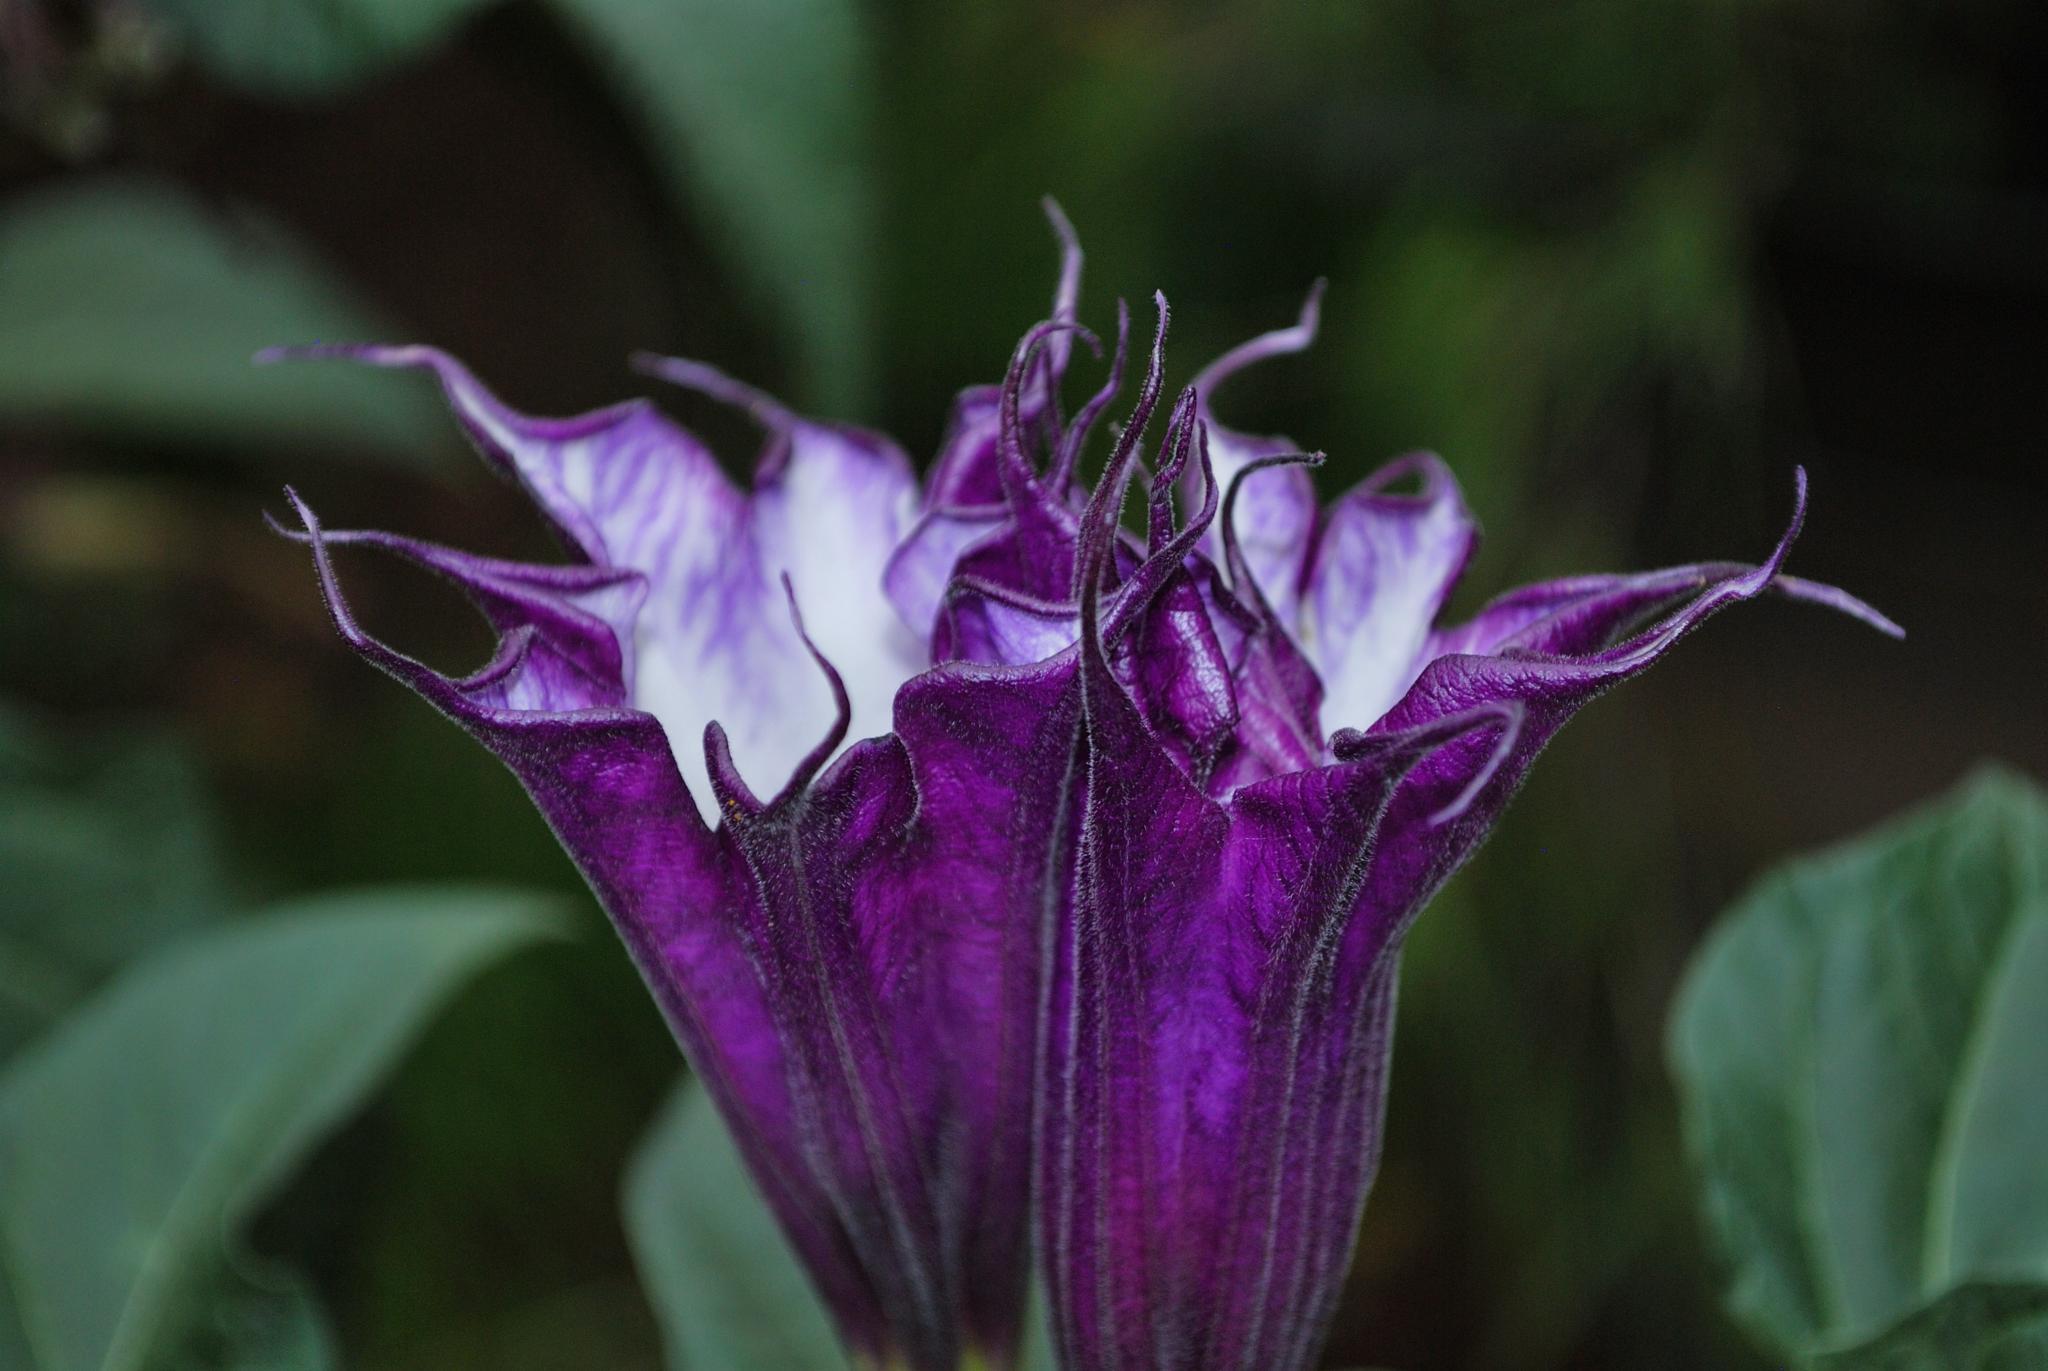 Purple Flower by gjacobsdwh